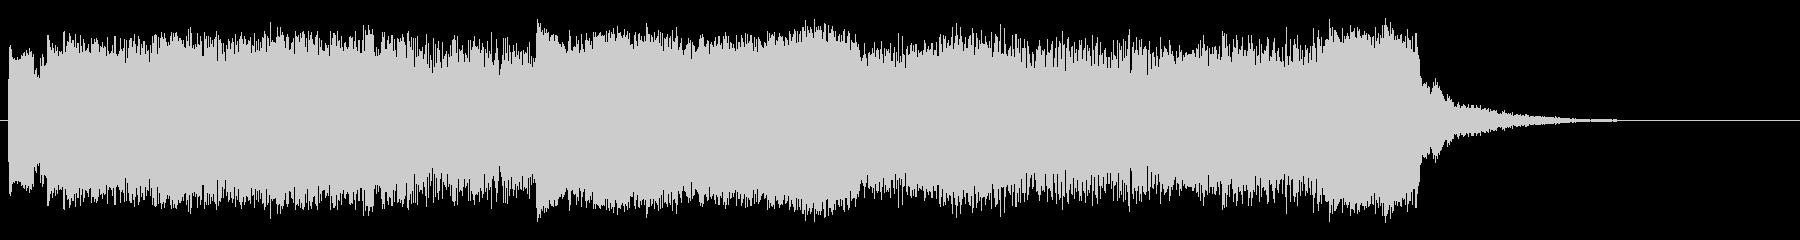 パワーコードの未再生の波形